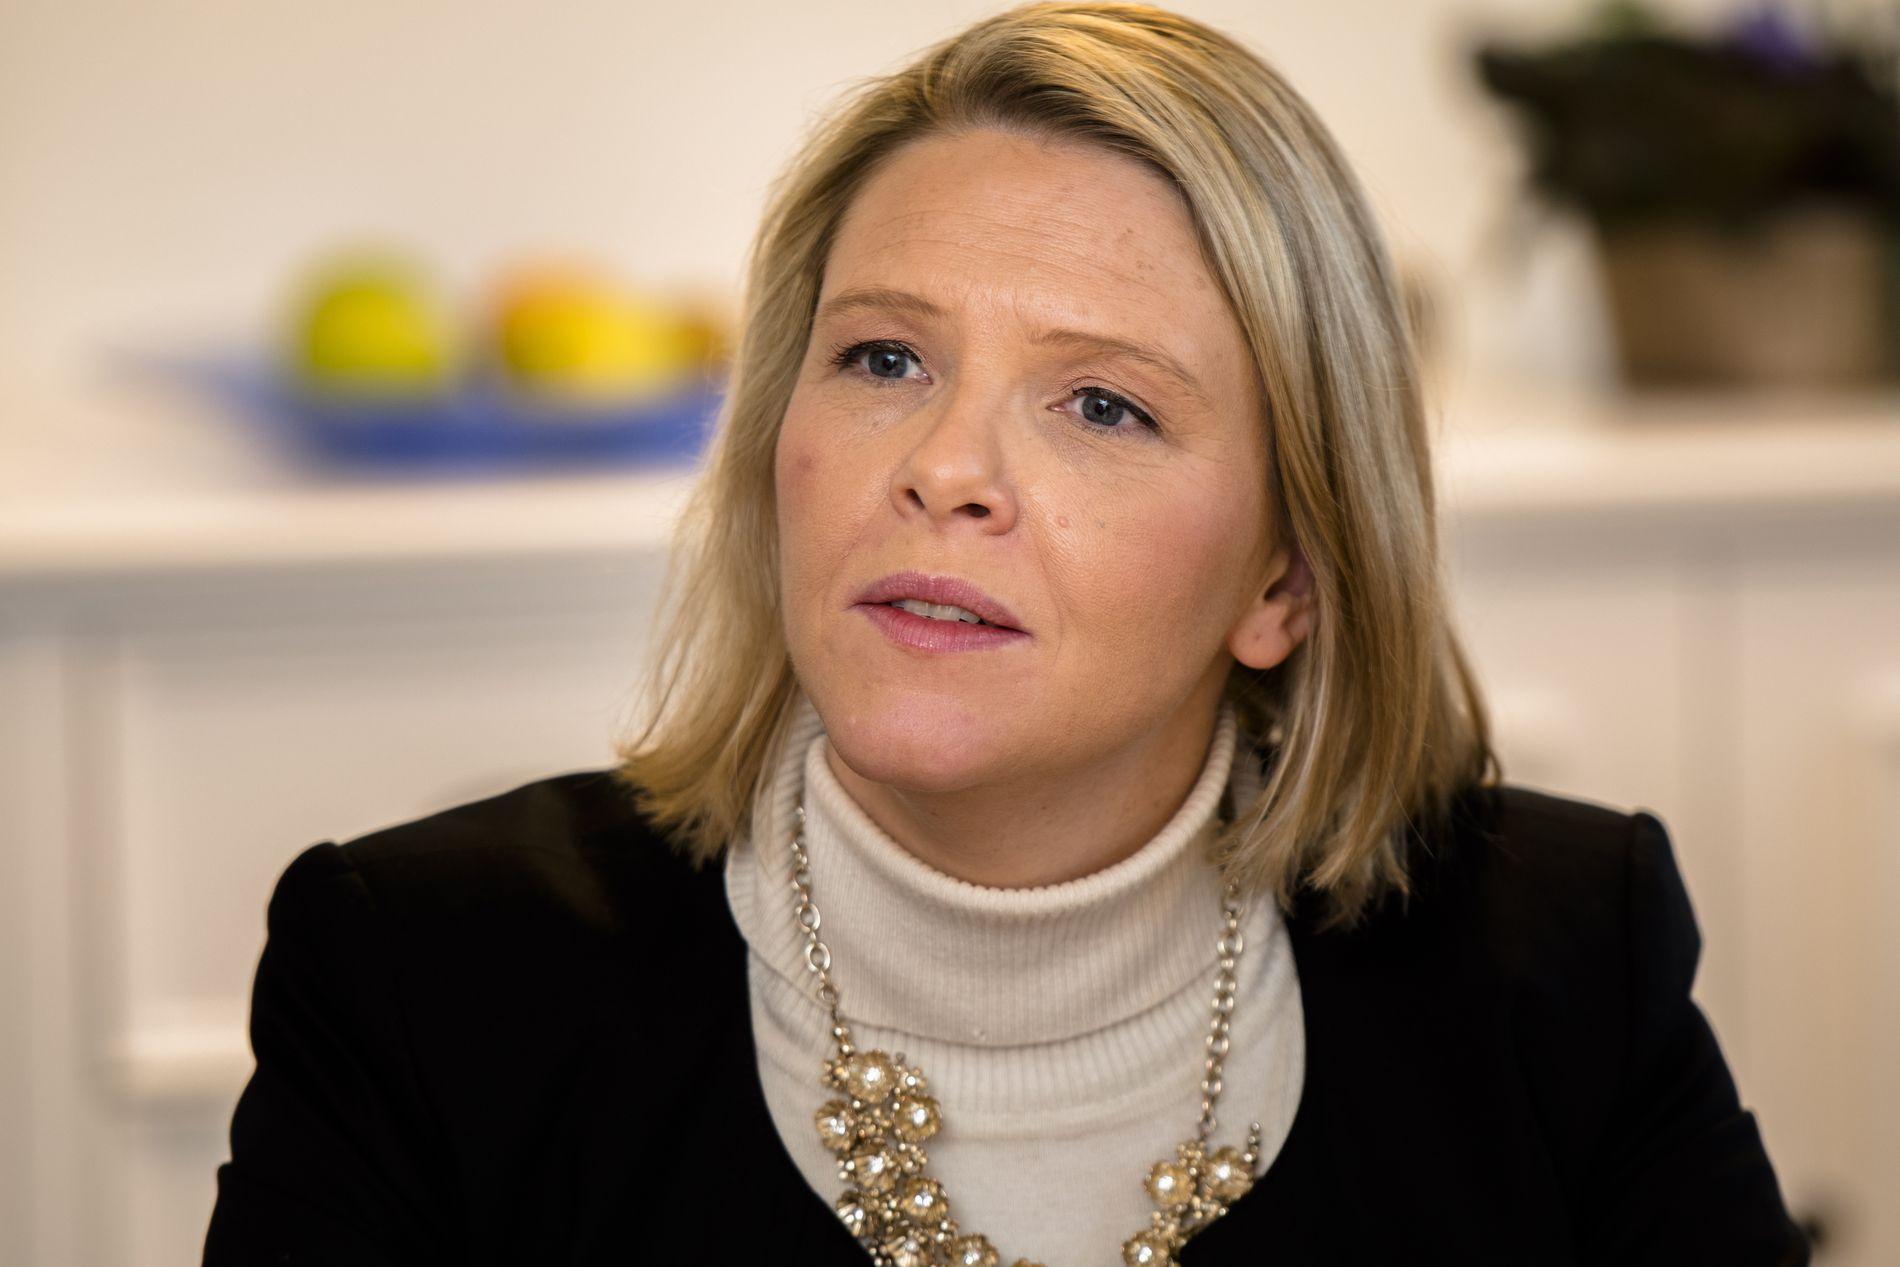 PÅ HØRING: Innvandrings og integreringsminister Sylvi Listhaug har sendt nye forslag på høring.